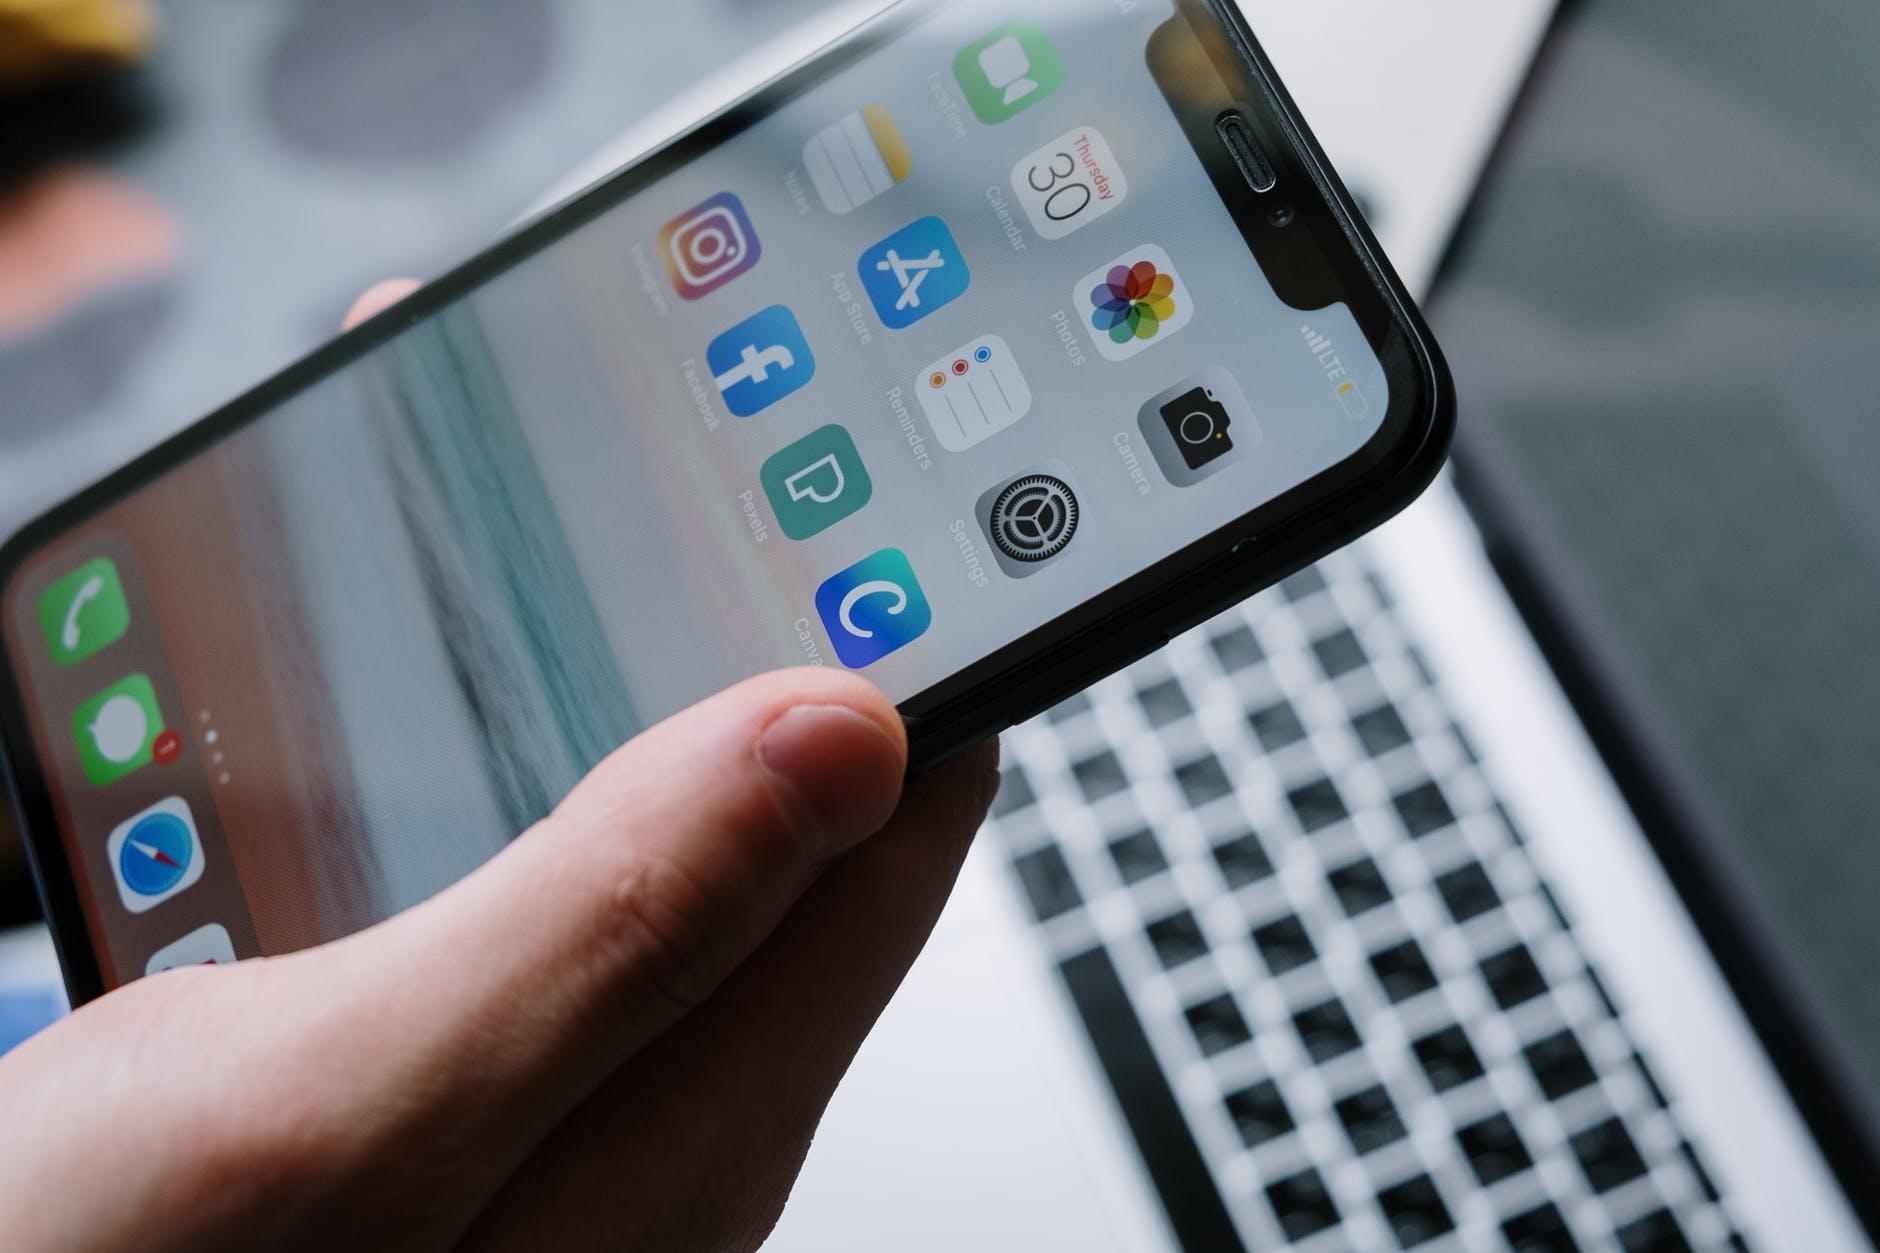 Айфон на фоне ноутбука